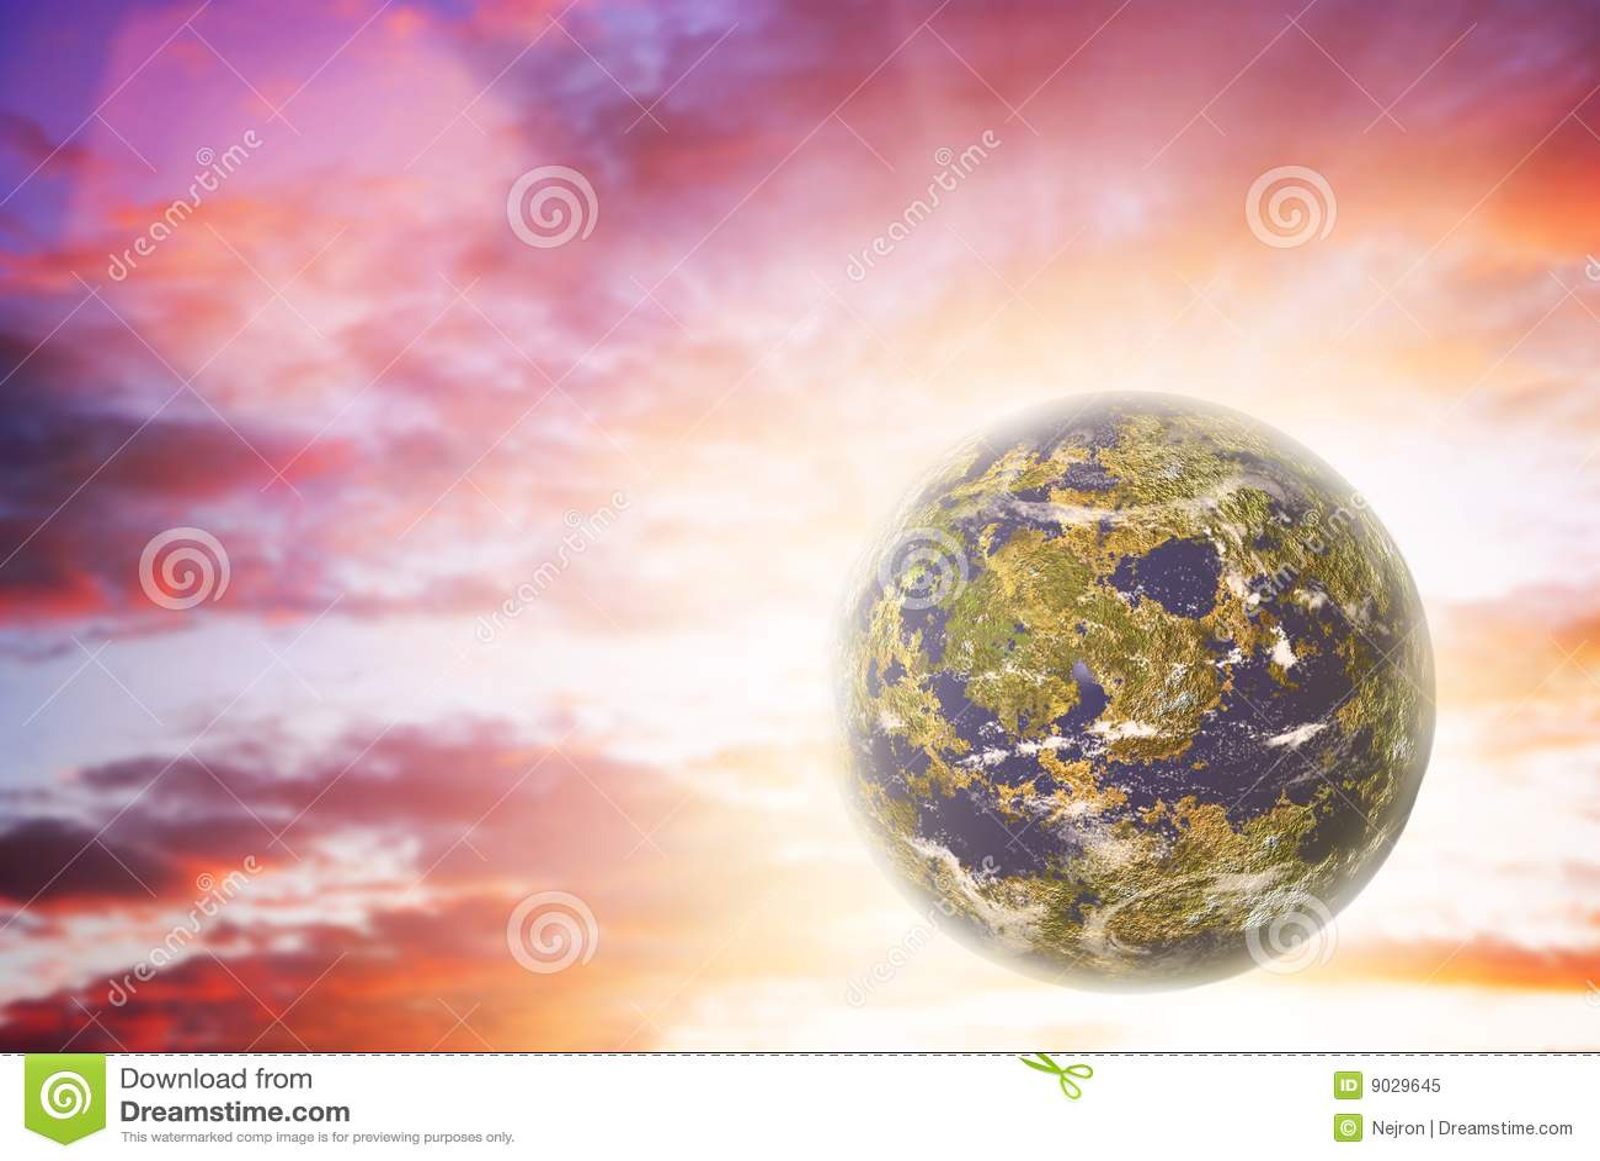 Einsamer Planet